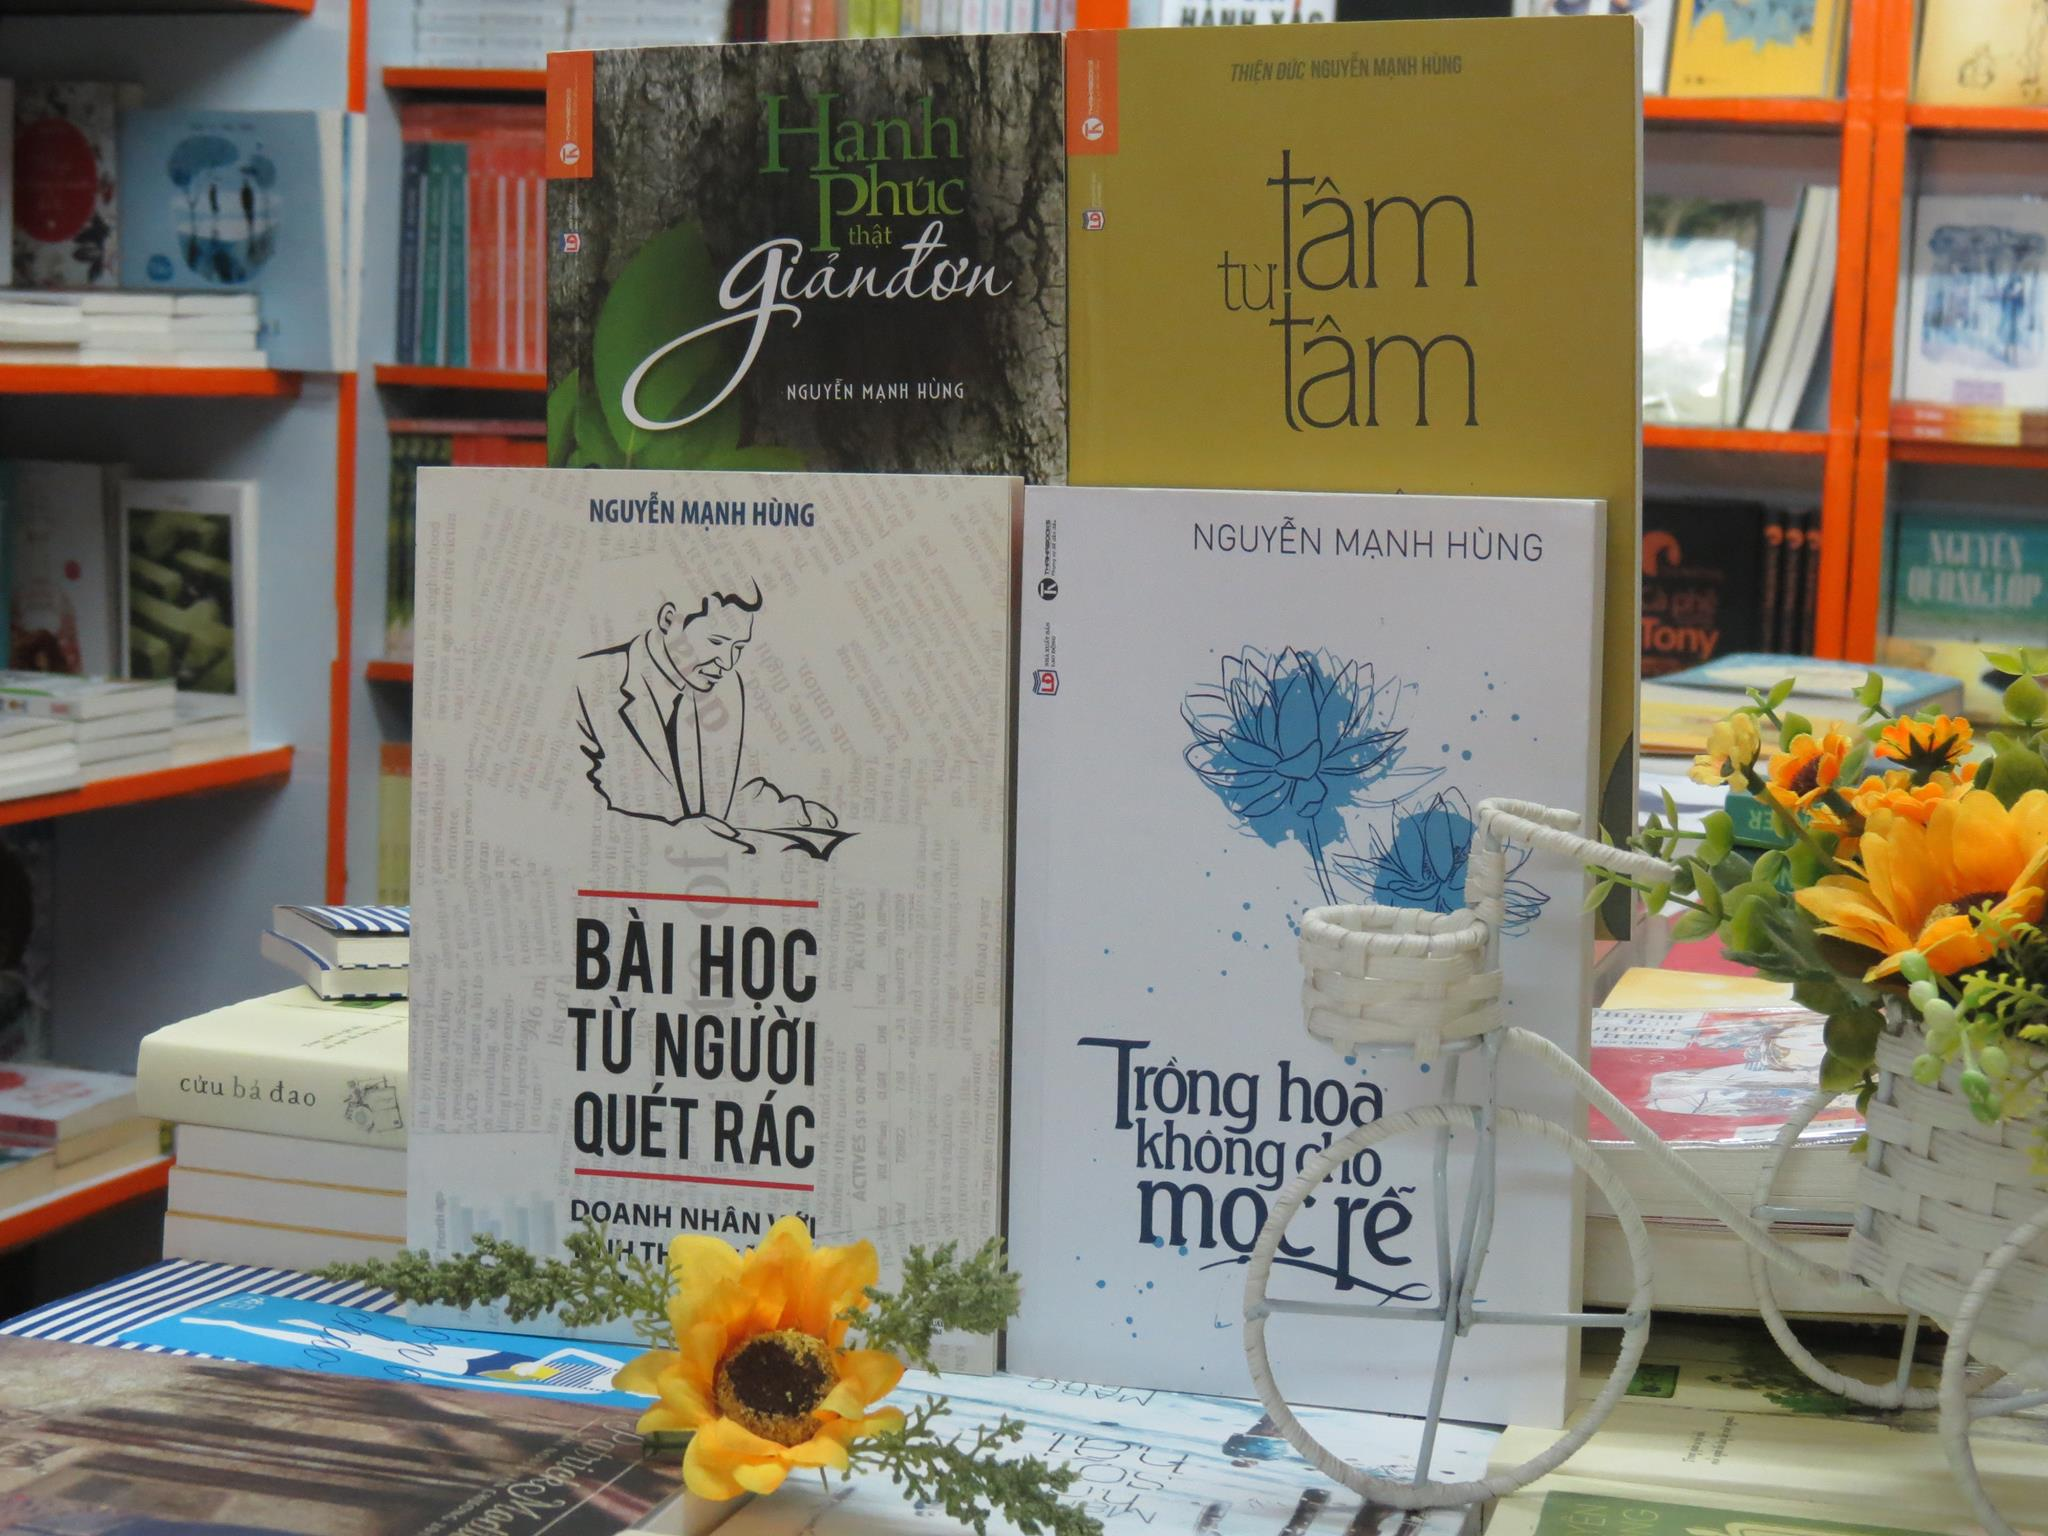 """Bài cảm nhận về cuốn sách : """"Trồng hoa không cho mọc rễ"""""""